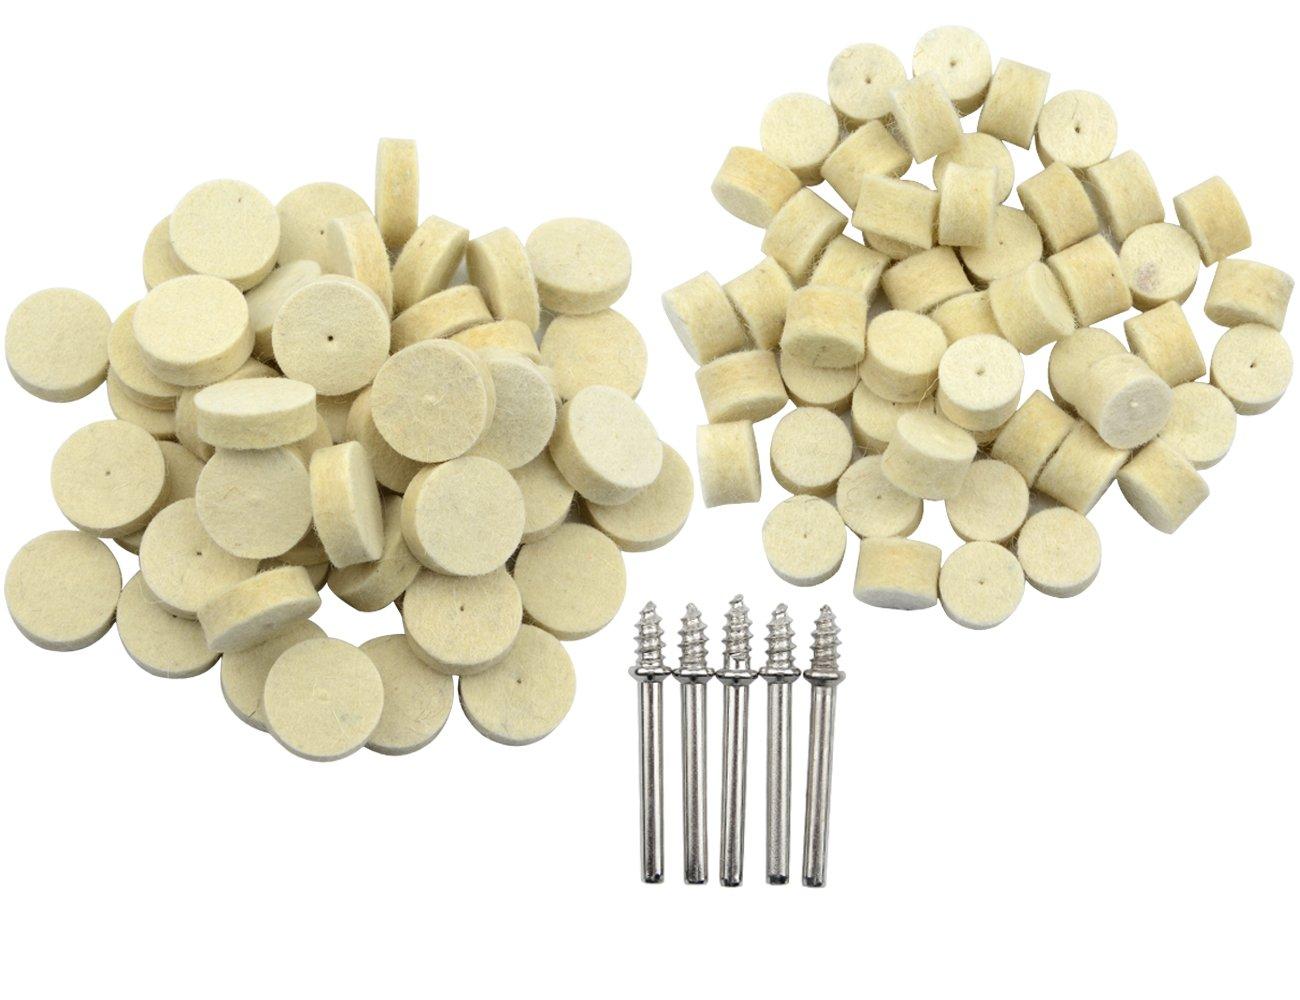 """TOVOT 100pcs Felt Polishing Pad and Mandrel Kit for Dremel Rotary Tools Diameter 3/8"""" and 7/8"""""""